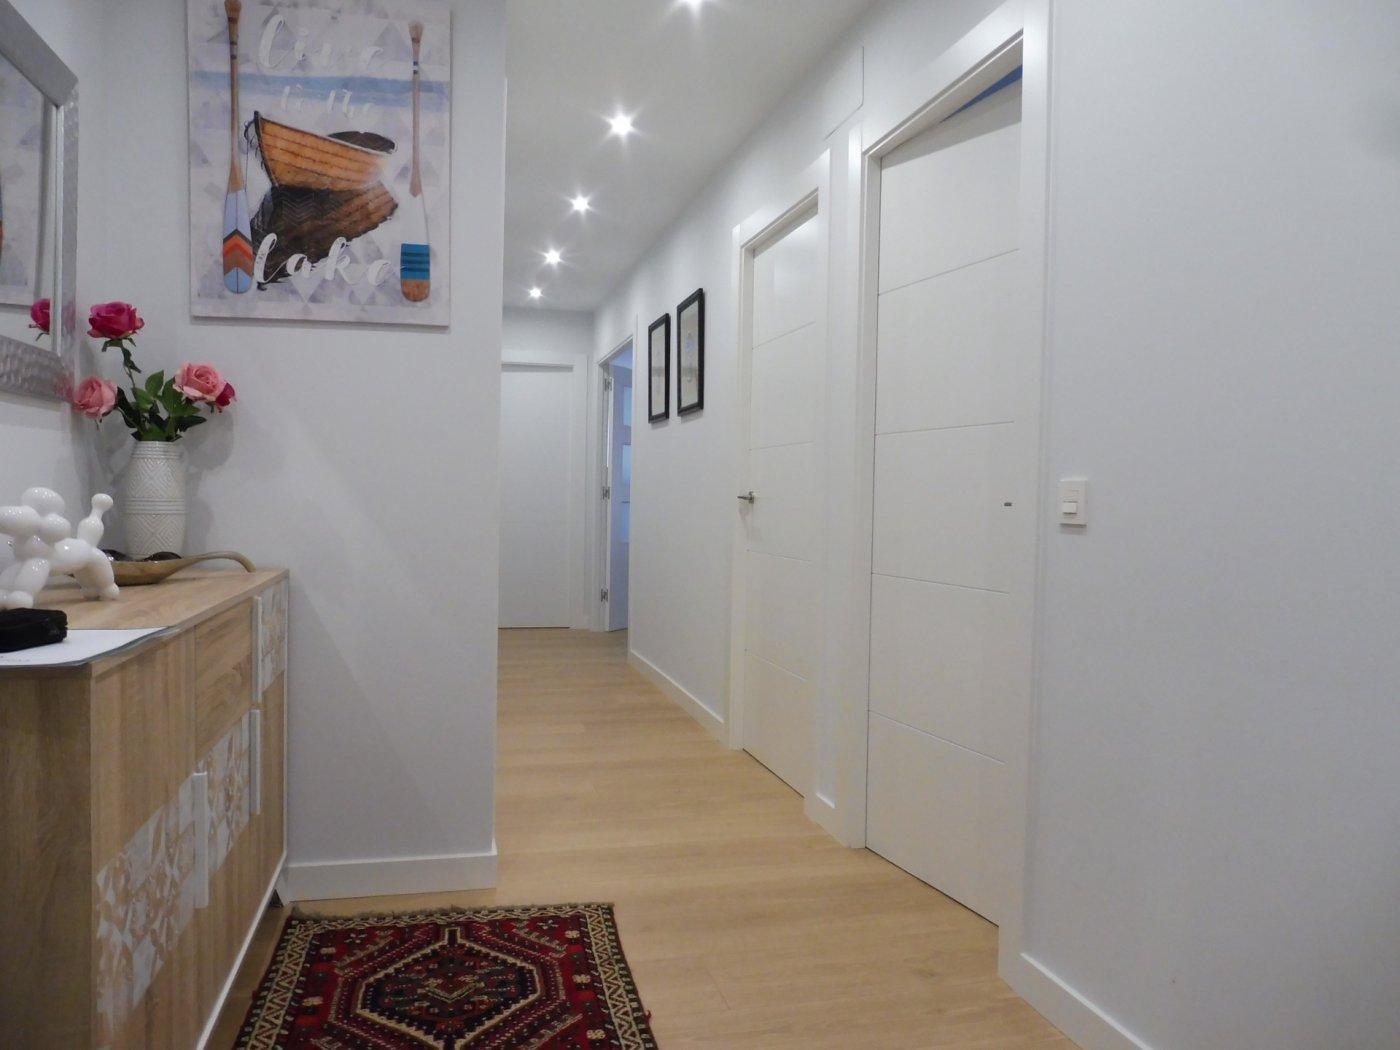 Estupendo piso en el centro - imagenInmueble1